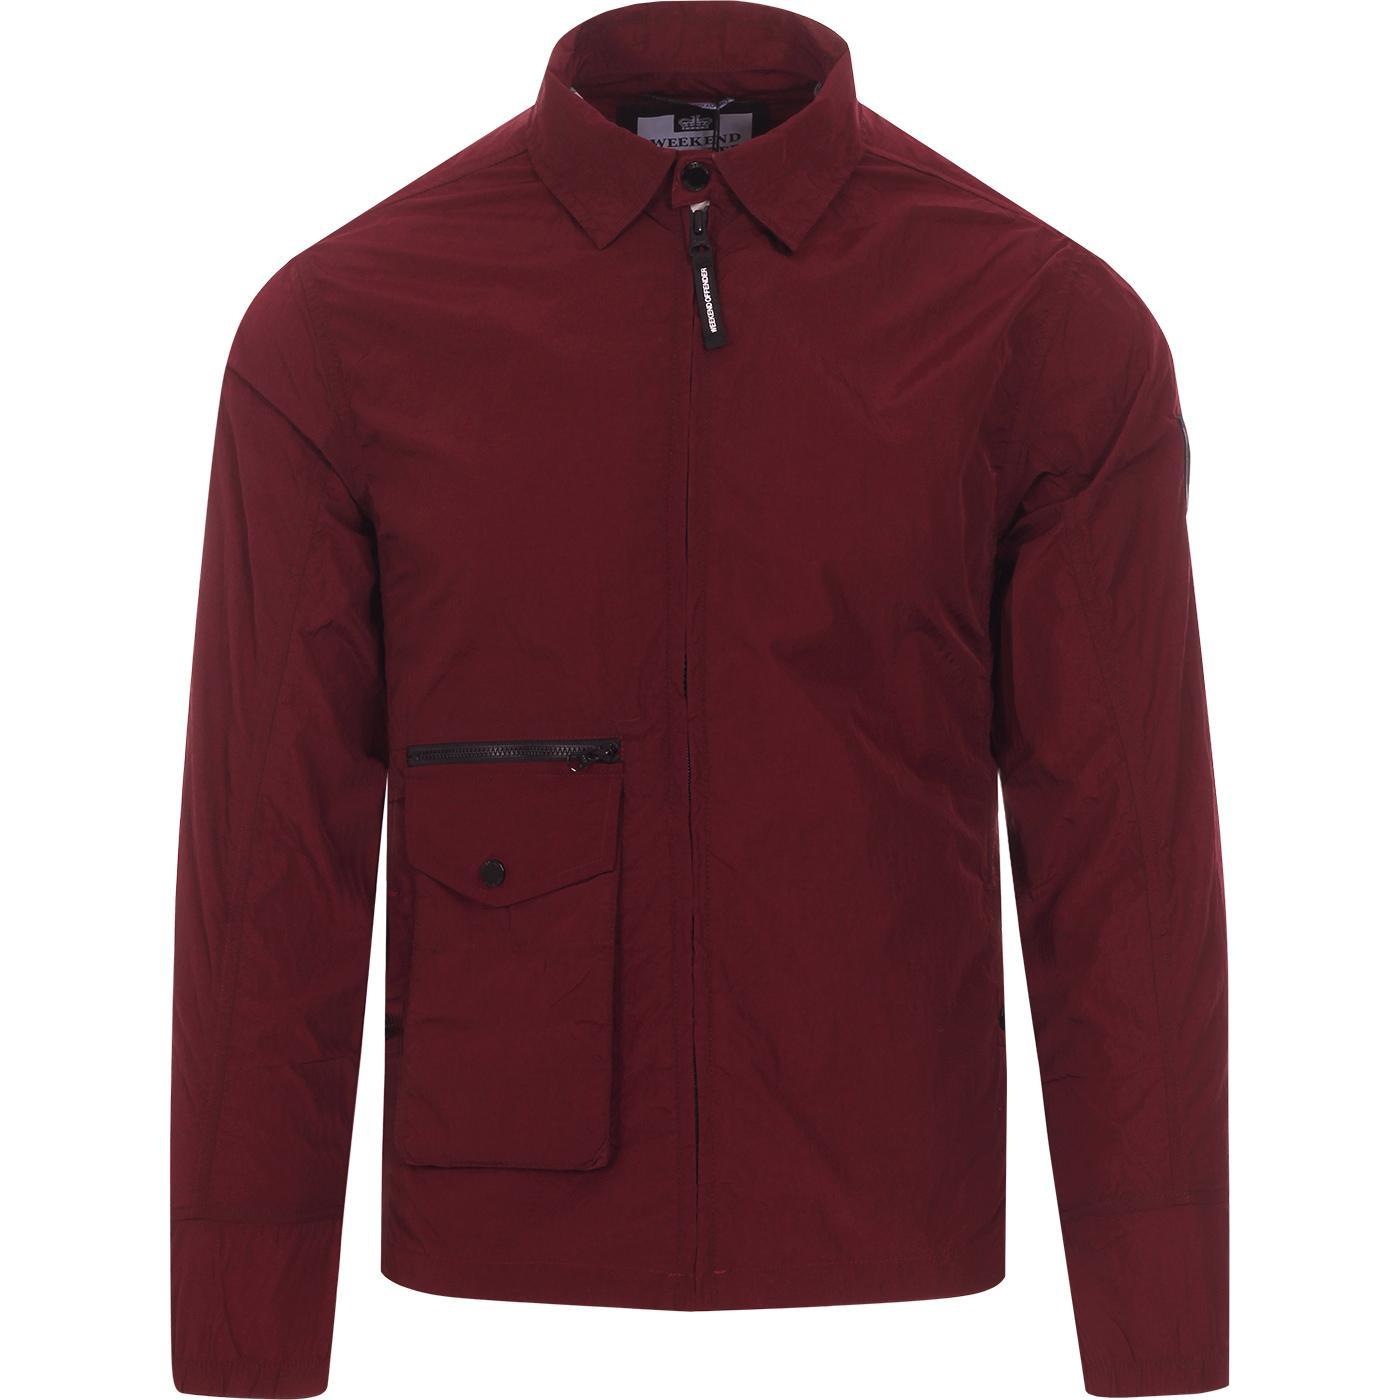 Vinnie WEEKEND OFFENDER Retro Shirt Jacket (Bu)